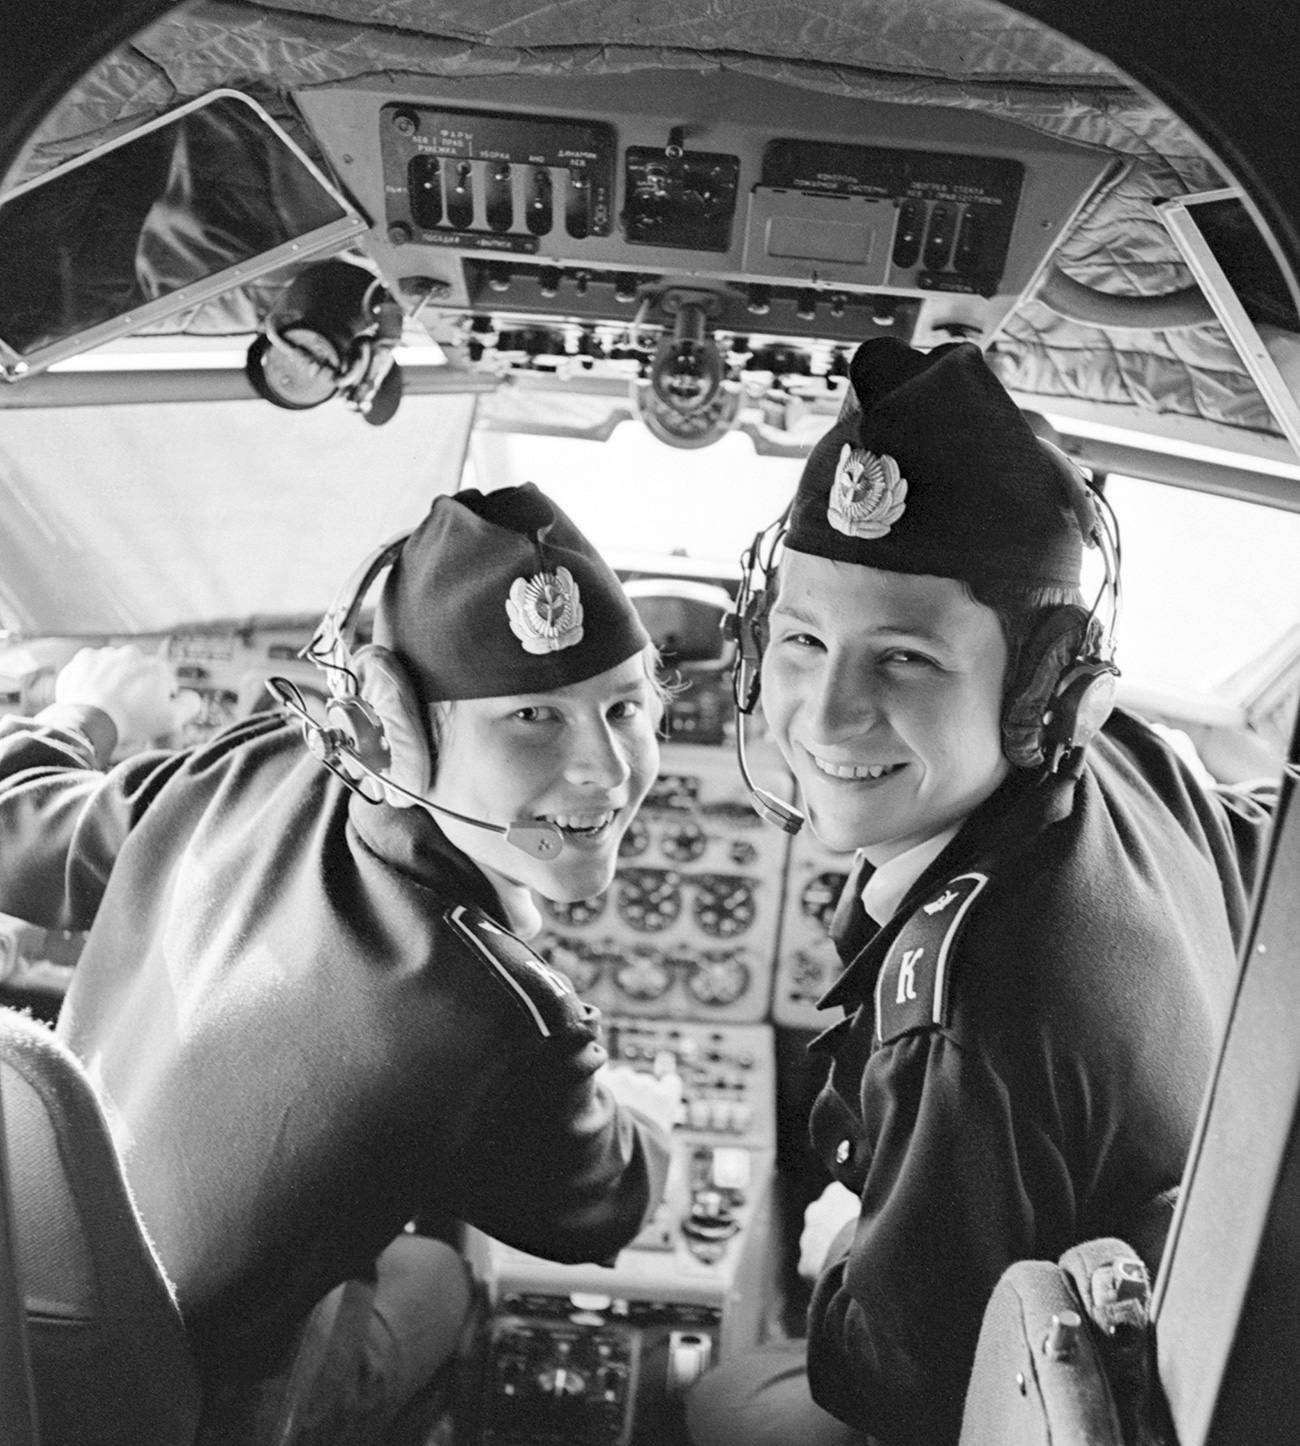 Mlada študenta Valerij Terpugov in Sergej Sučkov se v letalu Jak-40 učita pilotiranja, 1977. Vir: TASS